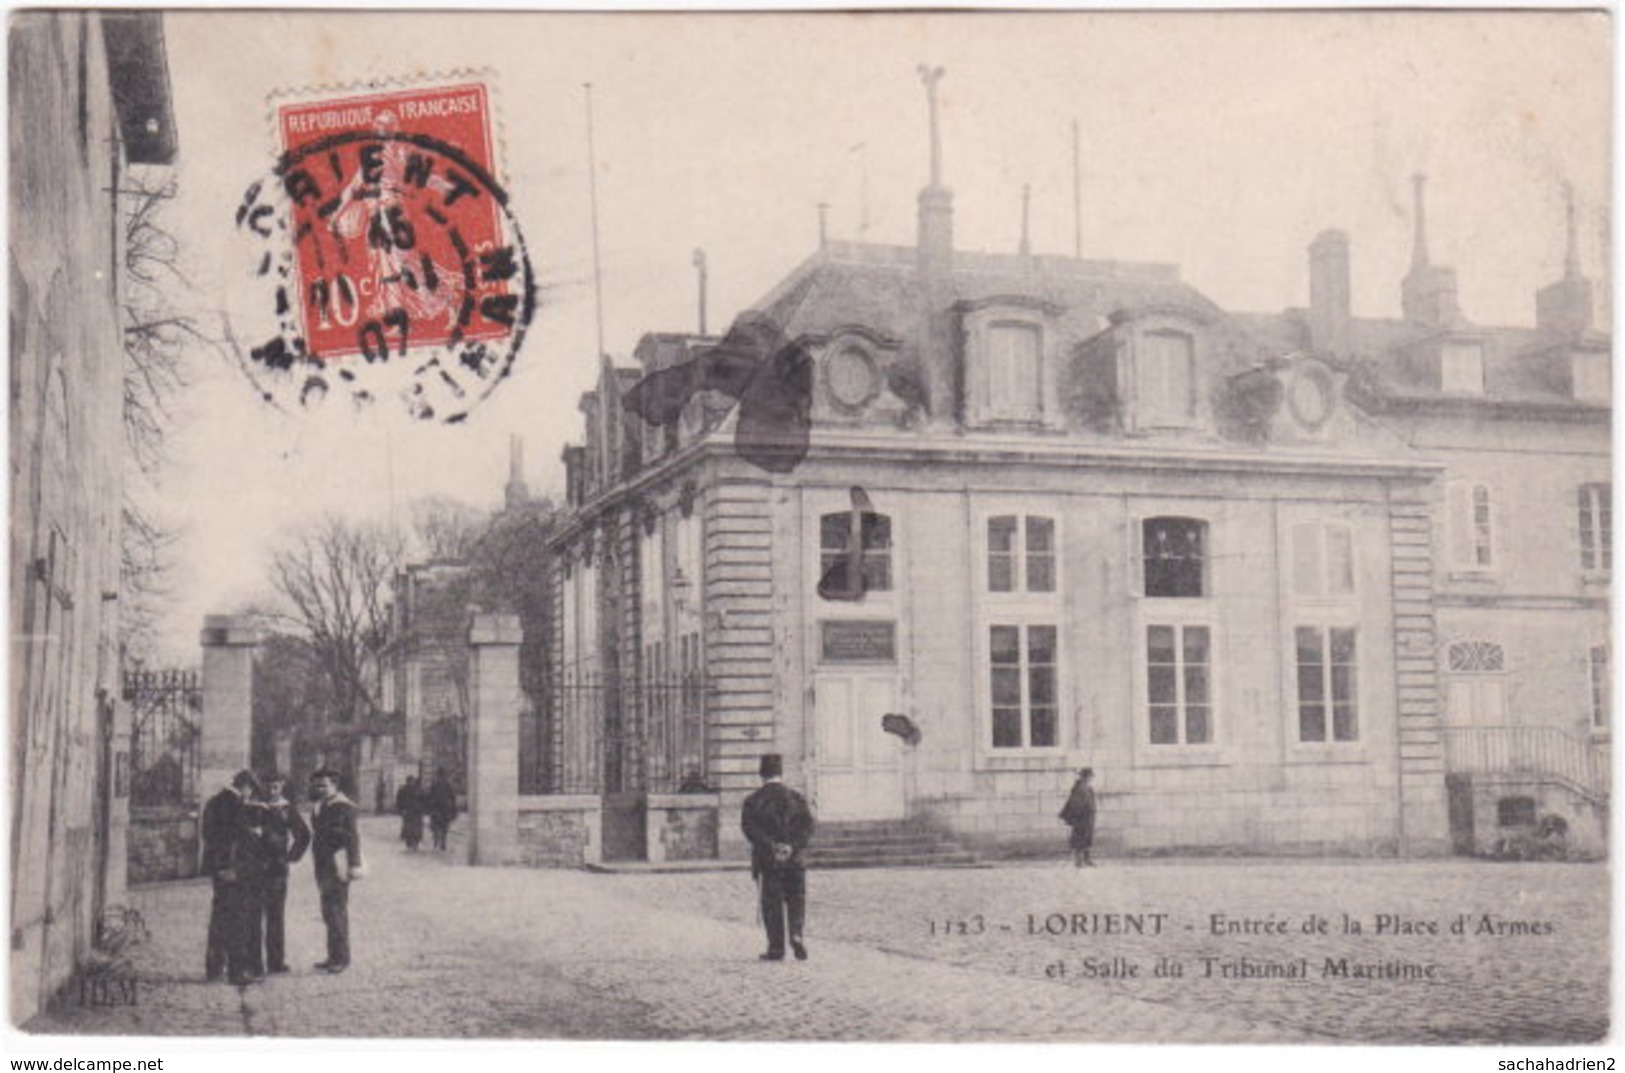 56. LORIENT. Entrée De La Place D'Armes Et Salle Du Tribunal Maritime. 1123 - Lorient